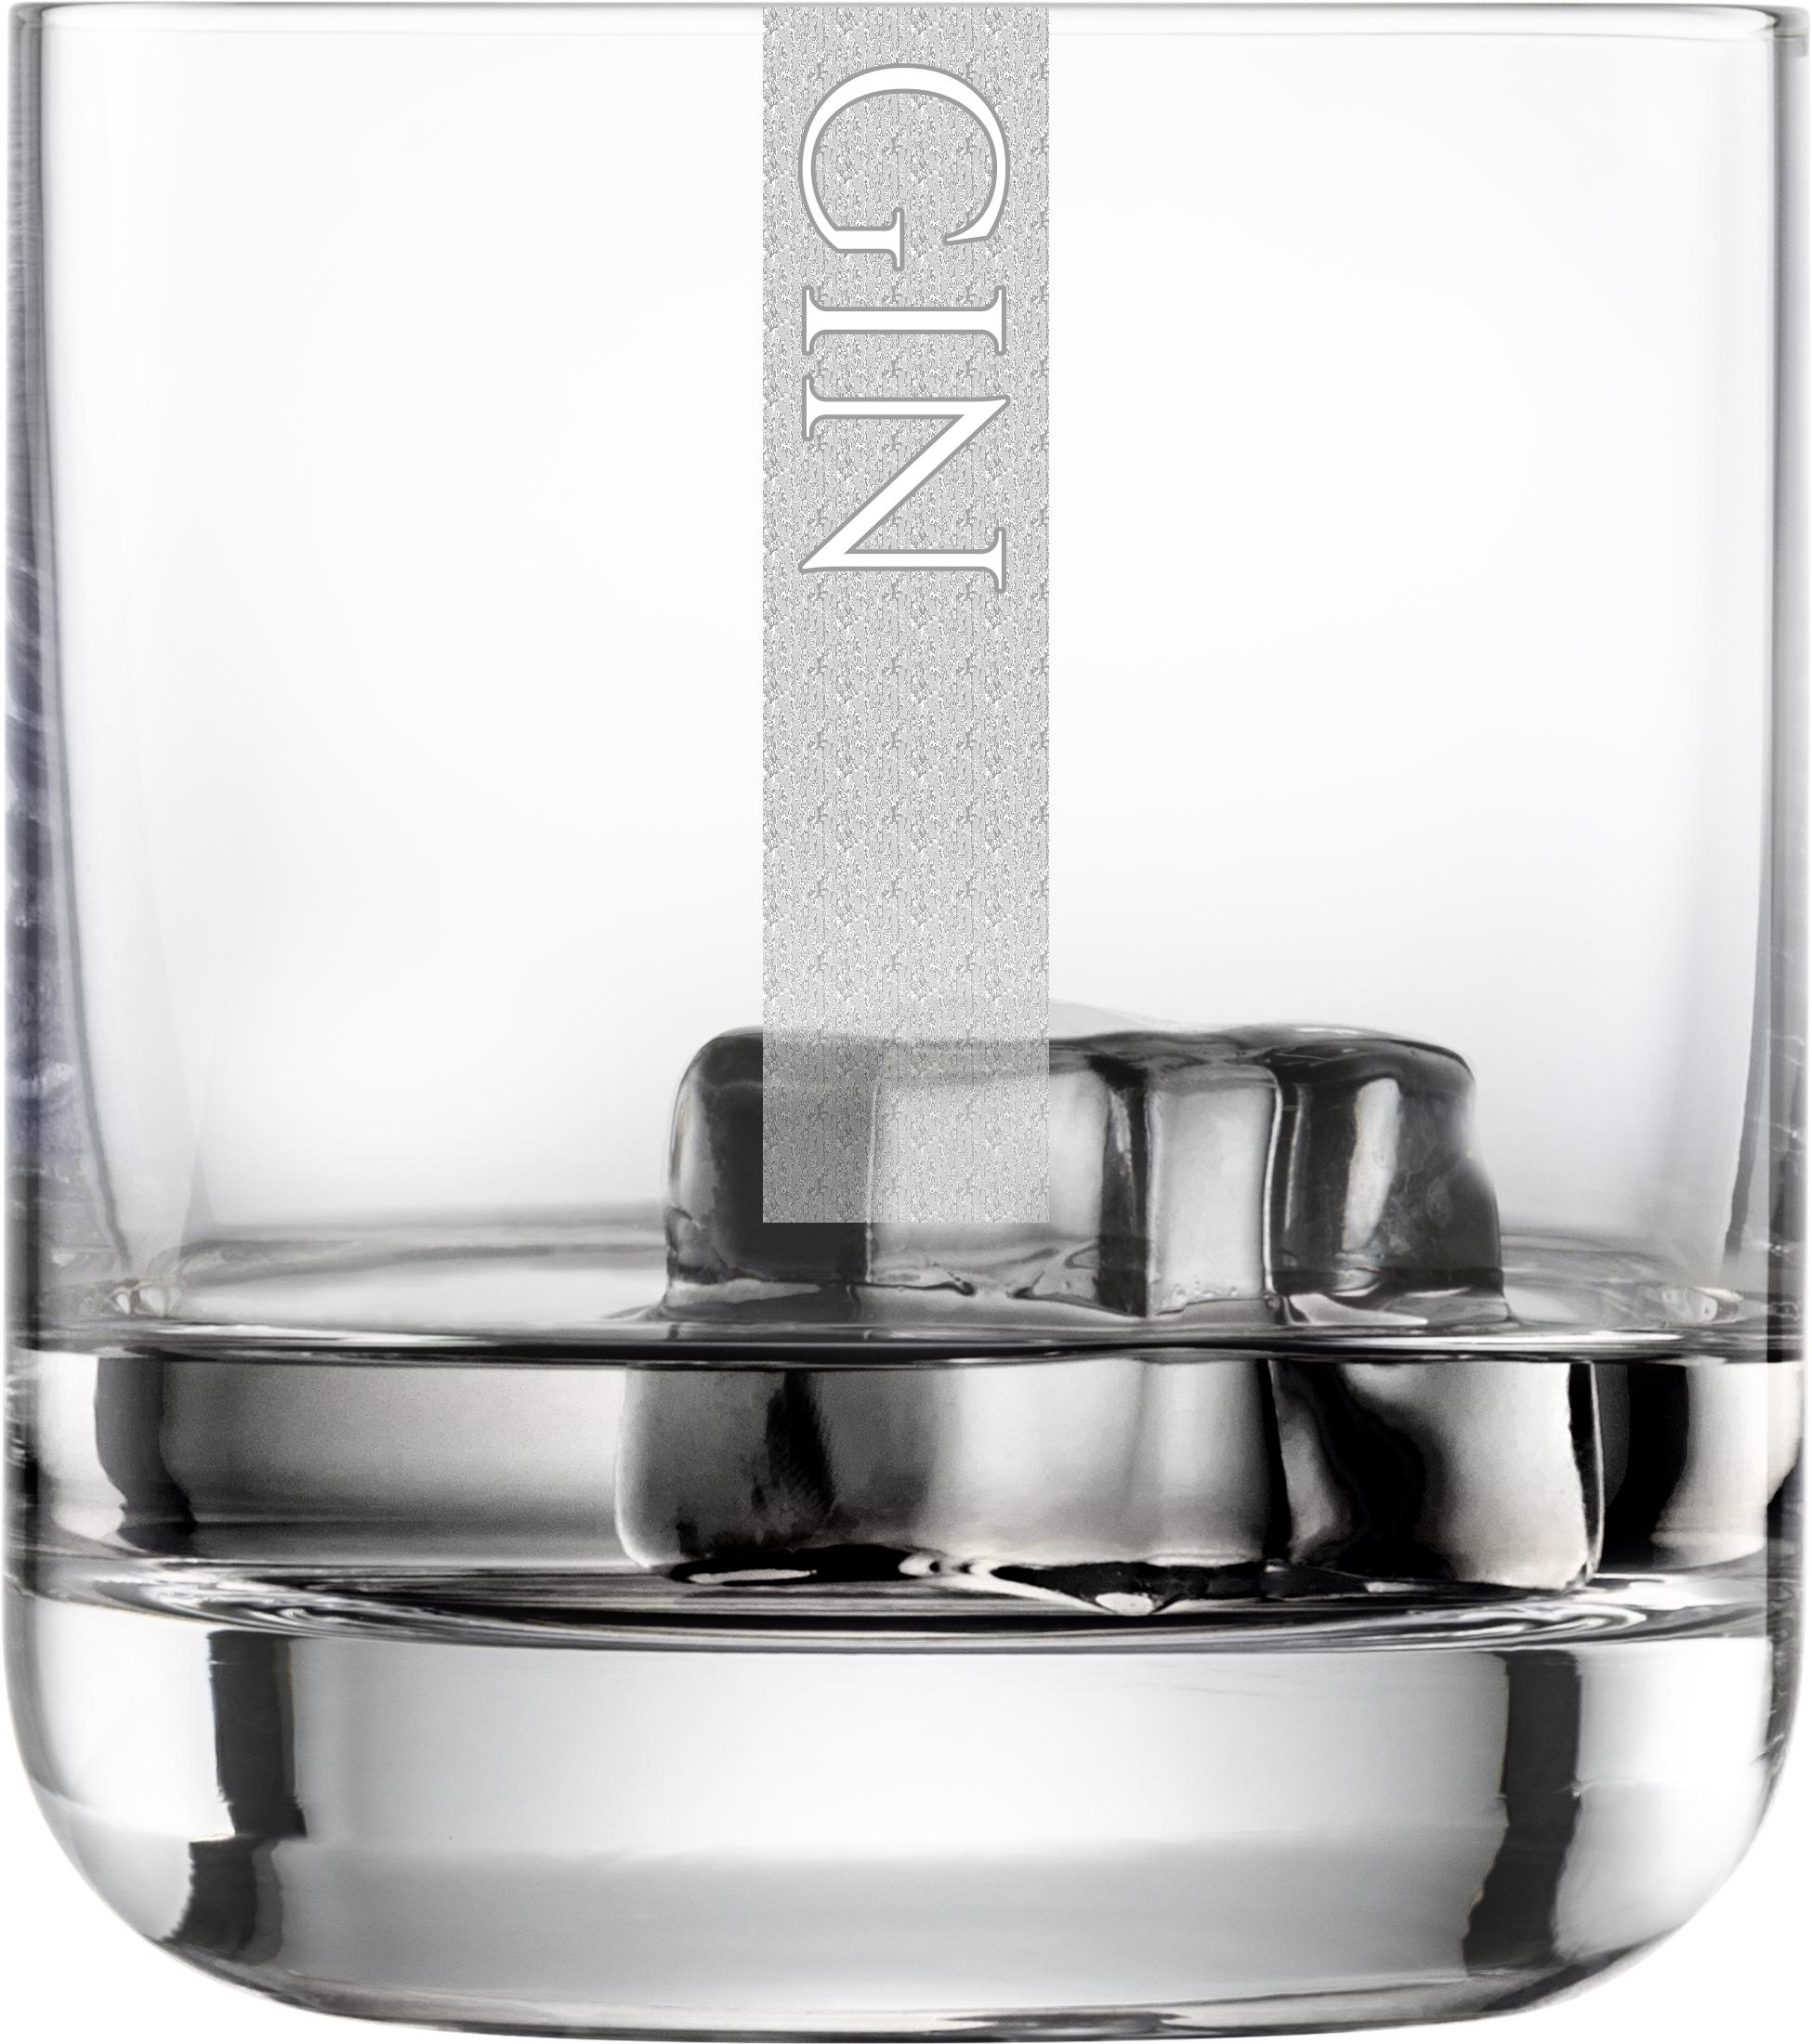 GIN Gläser | 6 Stück 300ml Schott Tumblerglas | CoolGlas